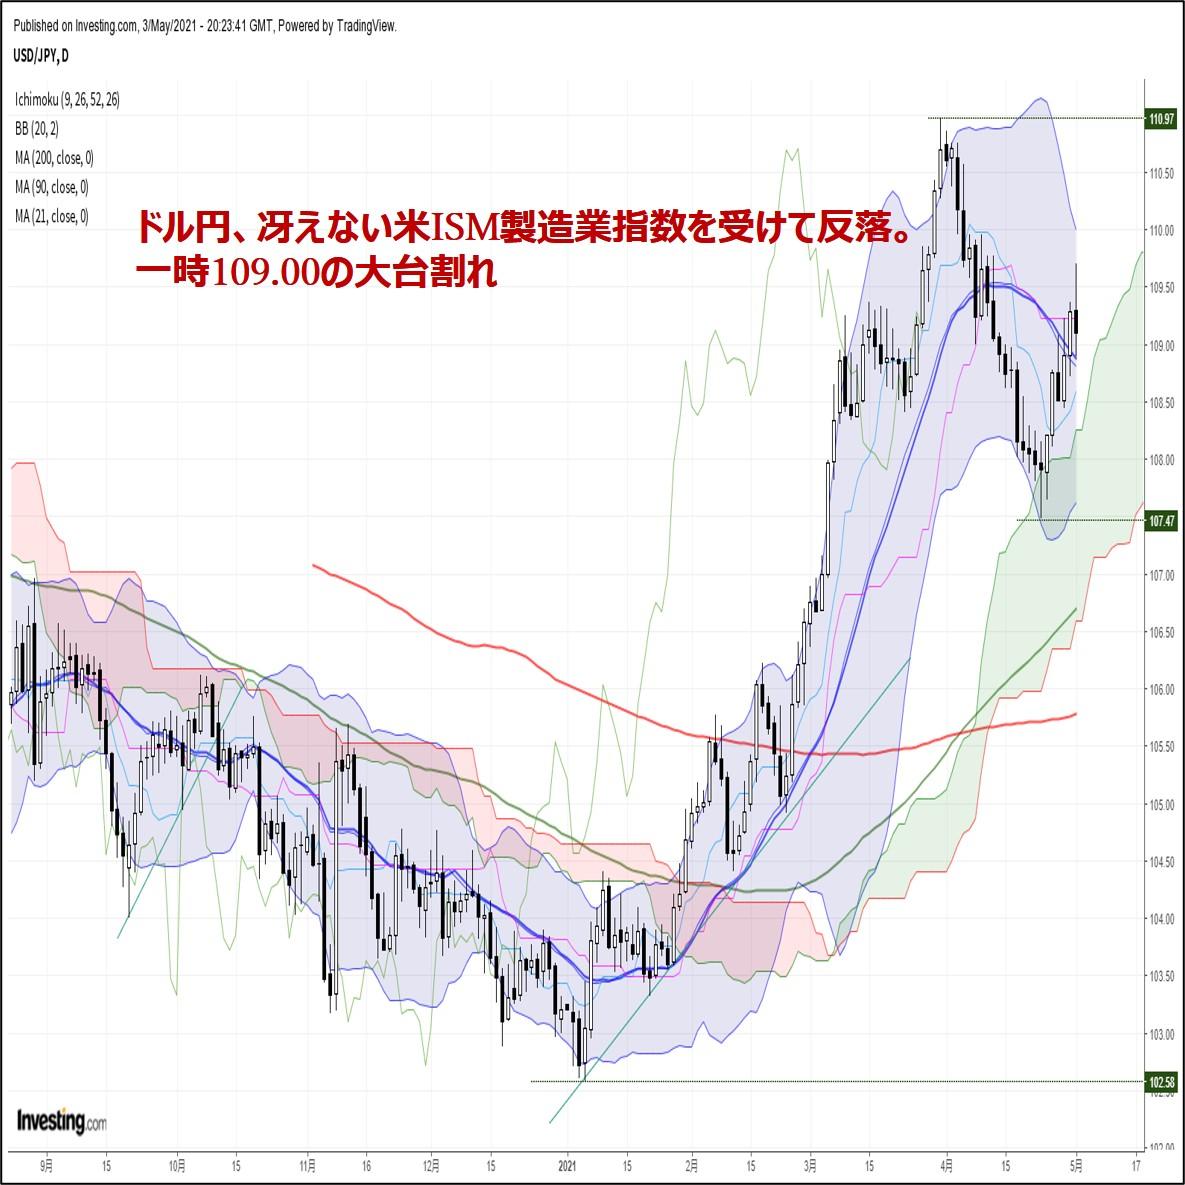 ドル円、冴えない米ISM製造業指数を受けて反落。一時109.00の大台割れ(5/4朝)